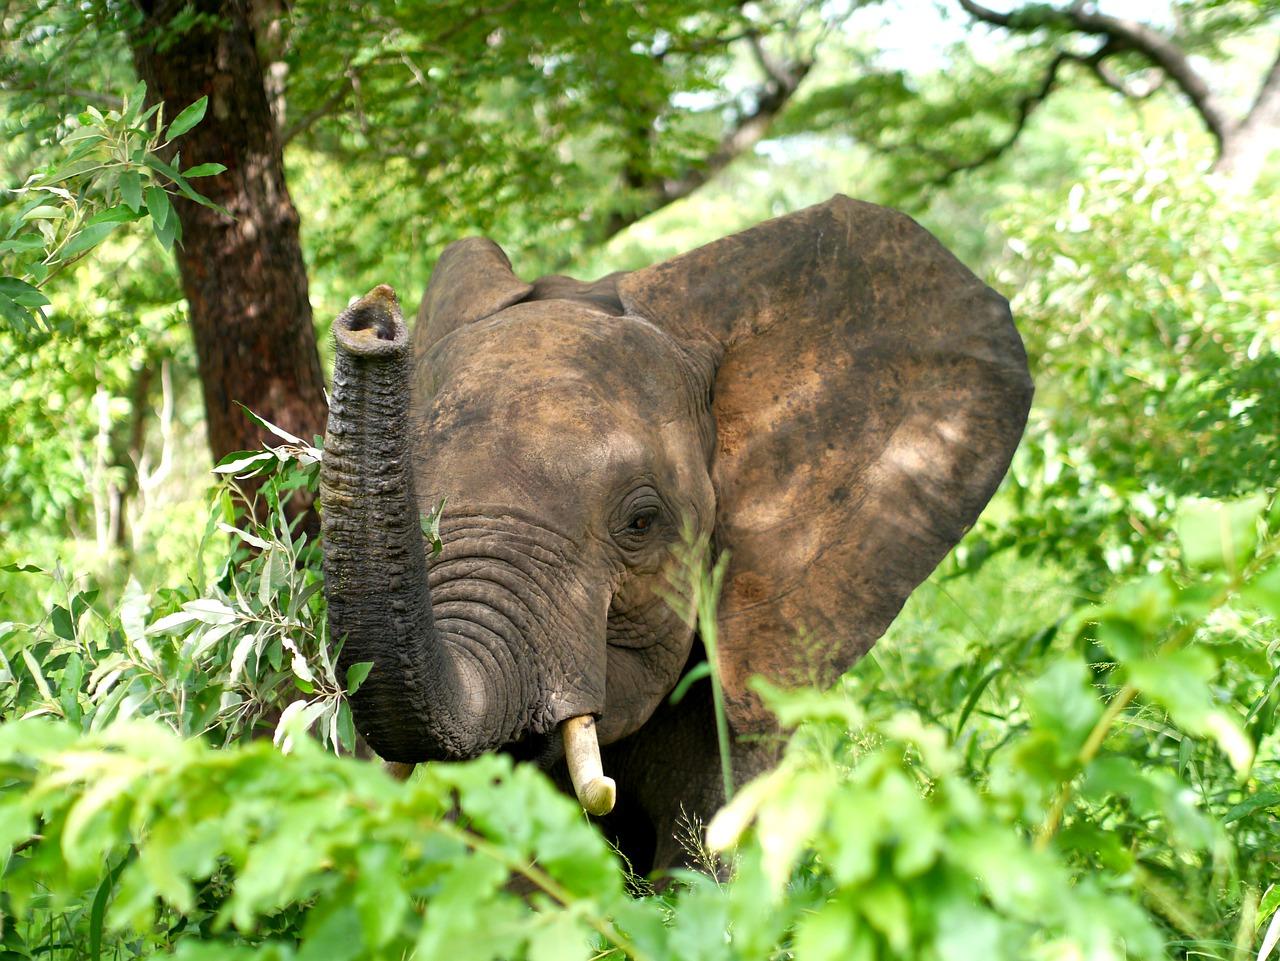 Fem elefanter i bakhagen - om poesiens lek i barndom og omvendt